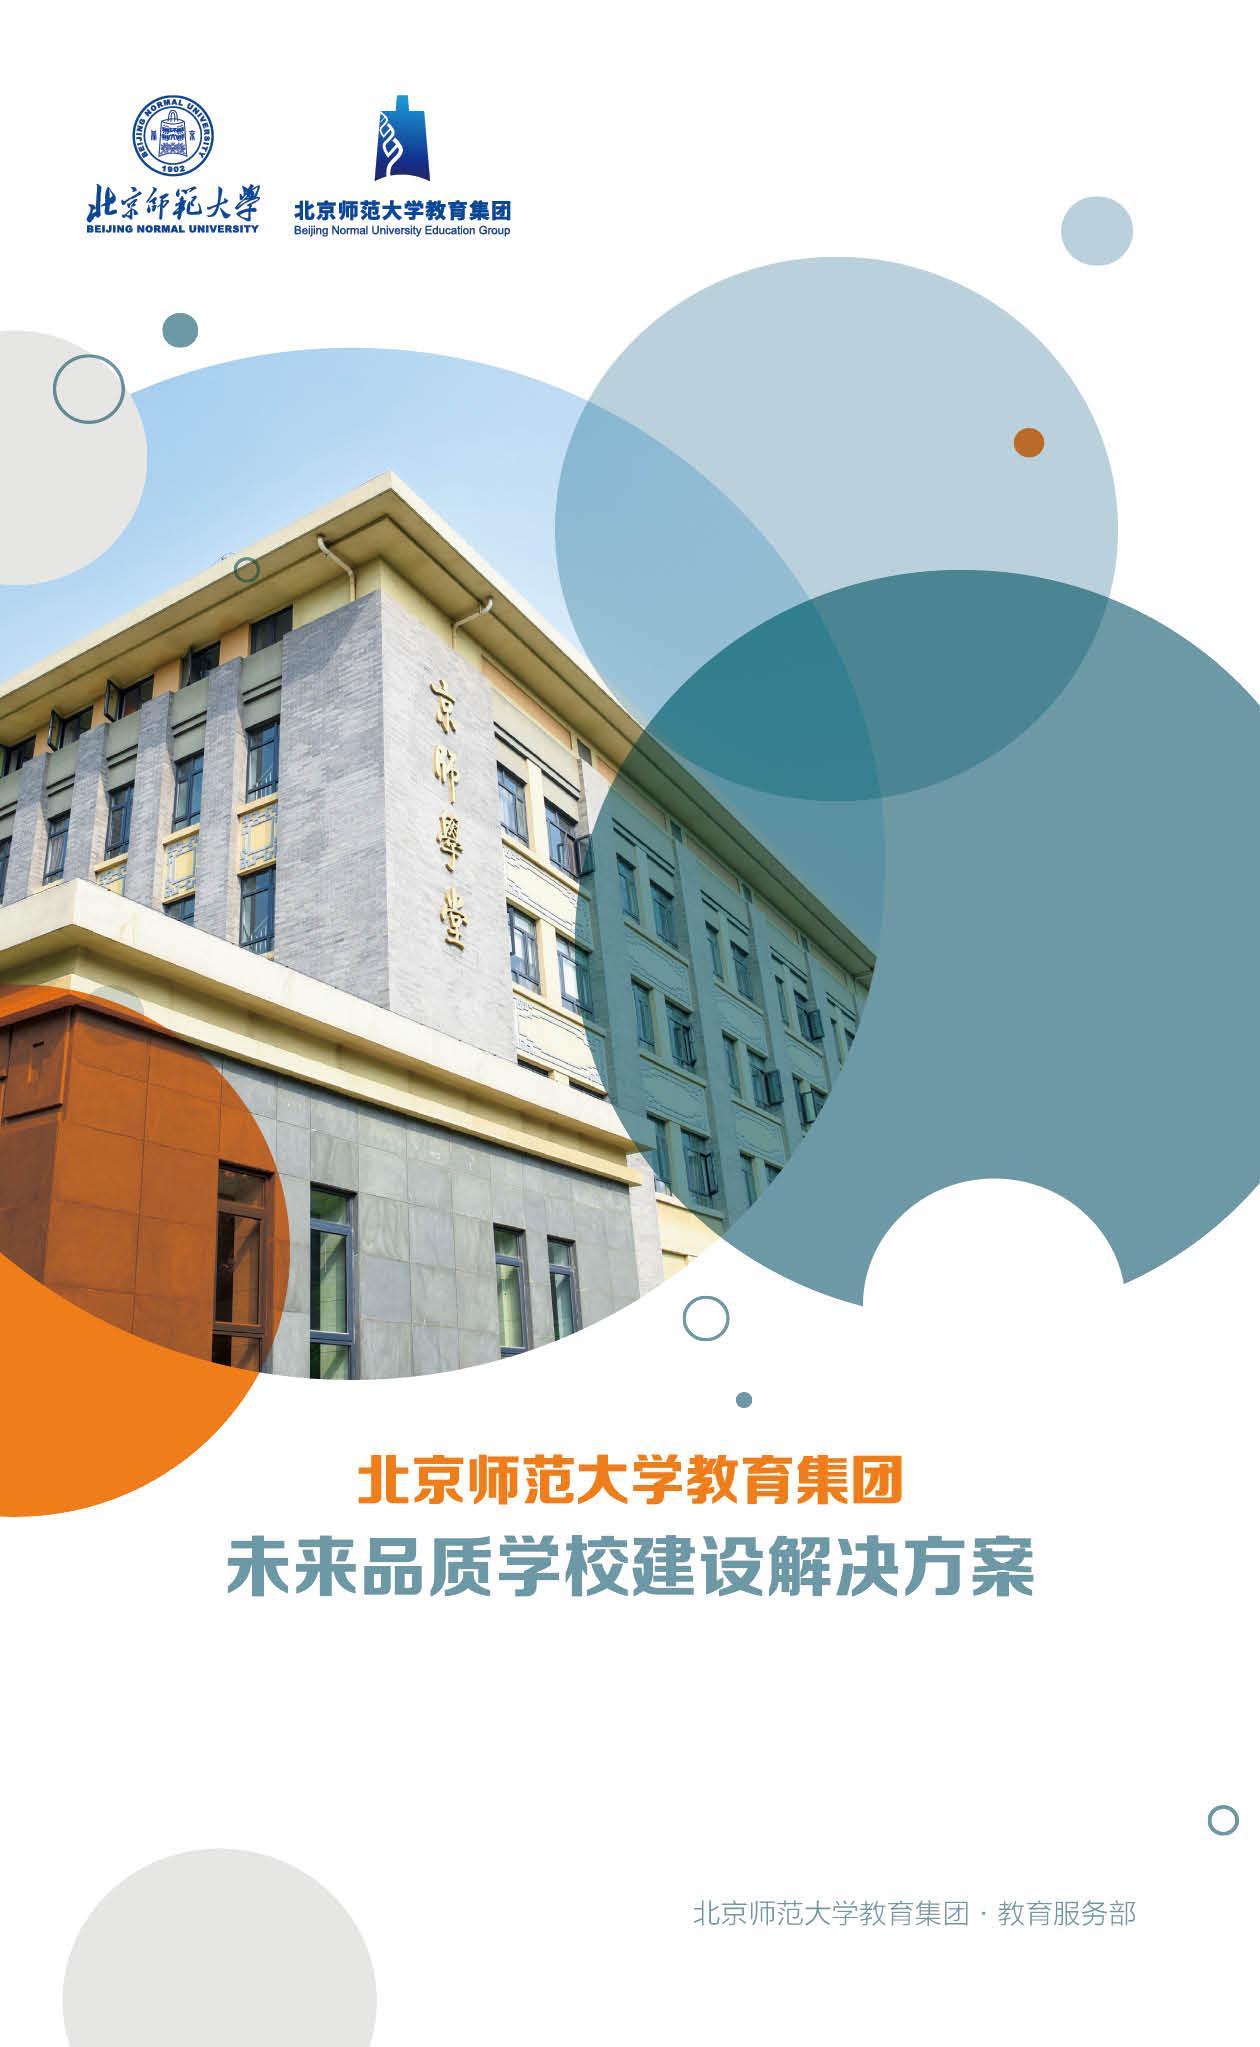 未來品質學校建設解決方案1